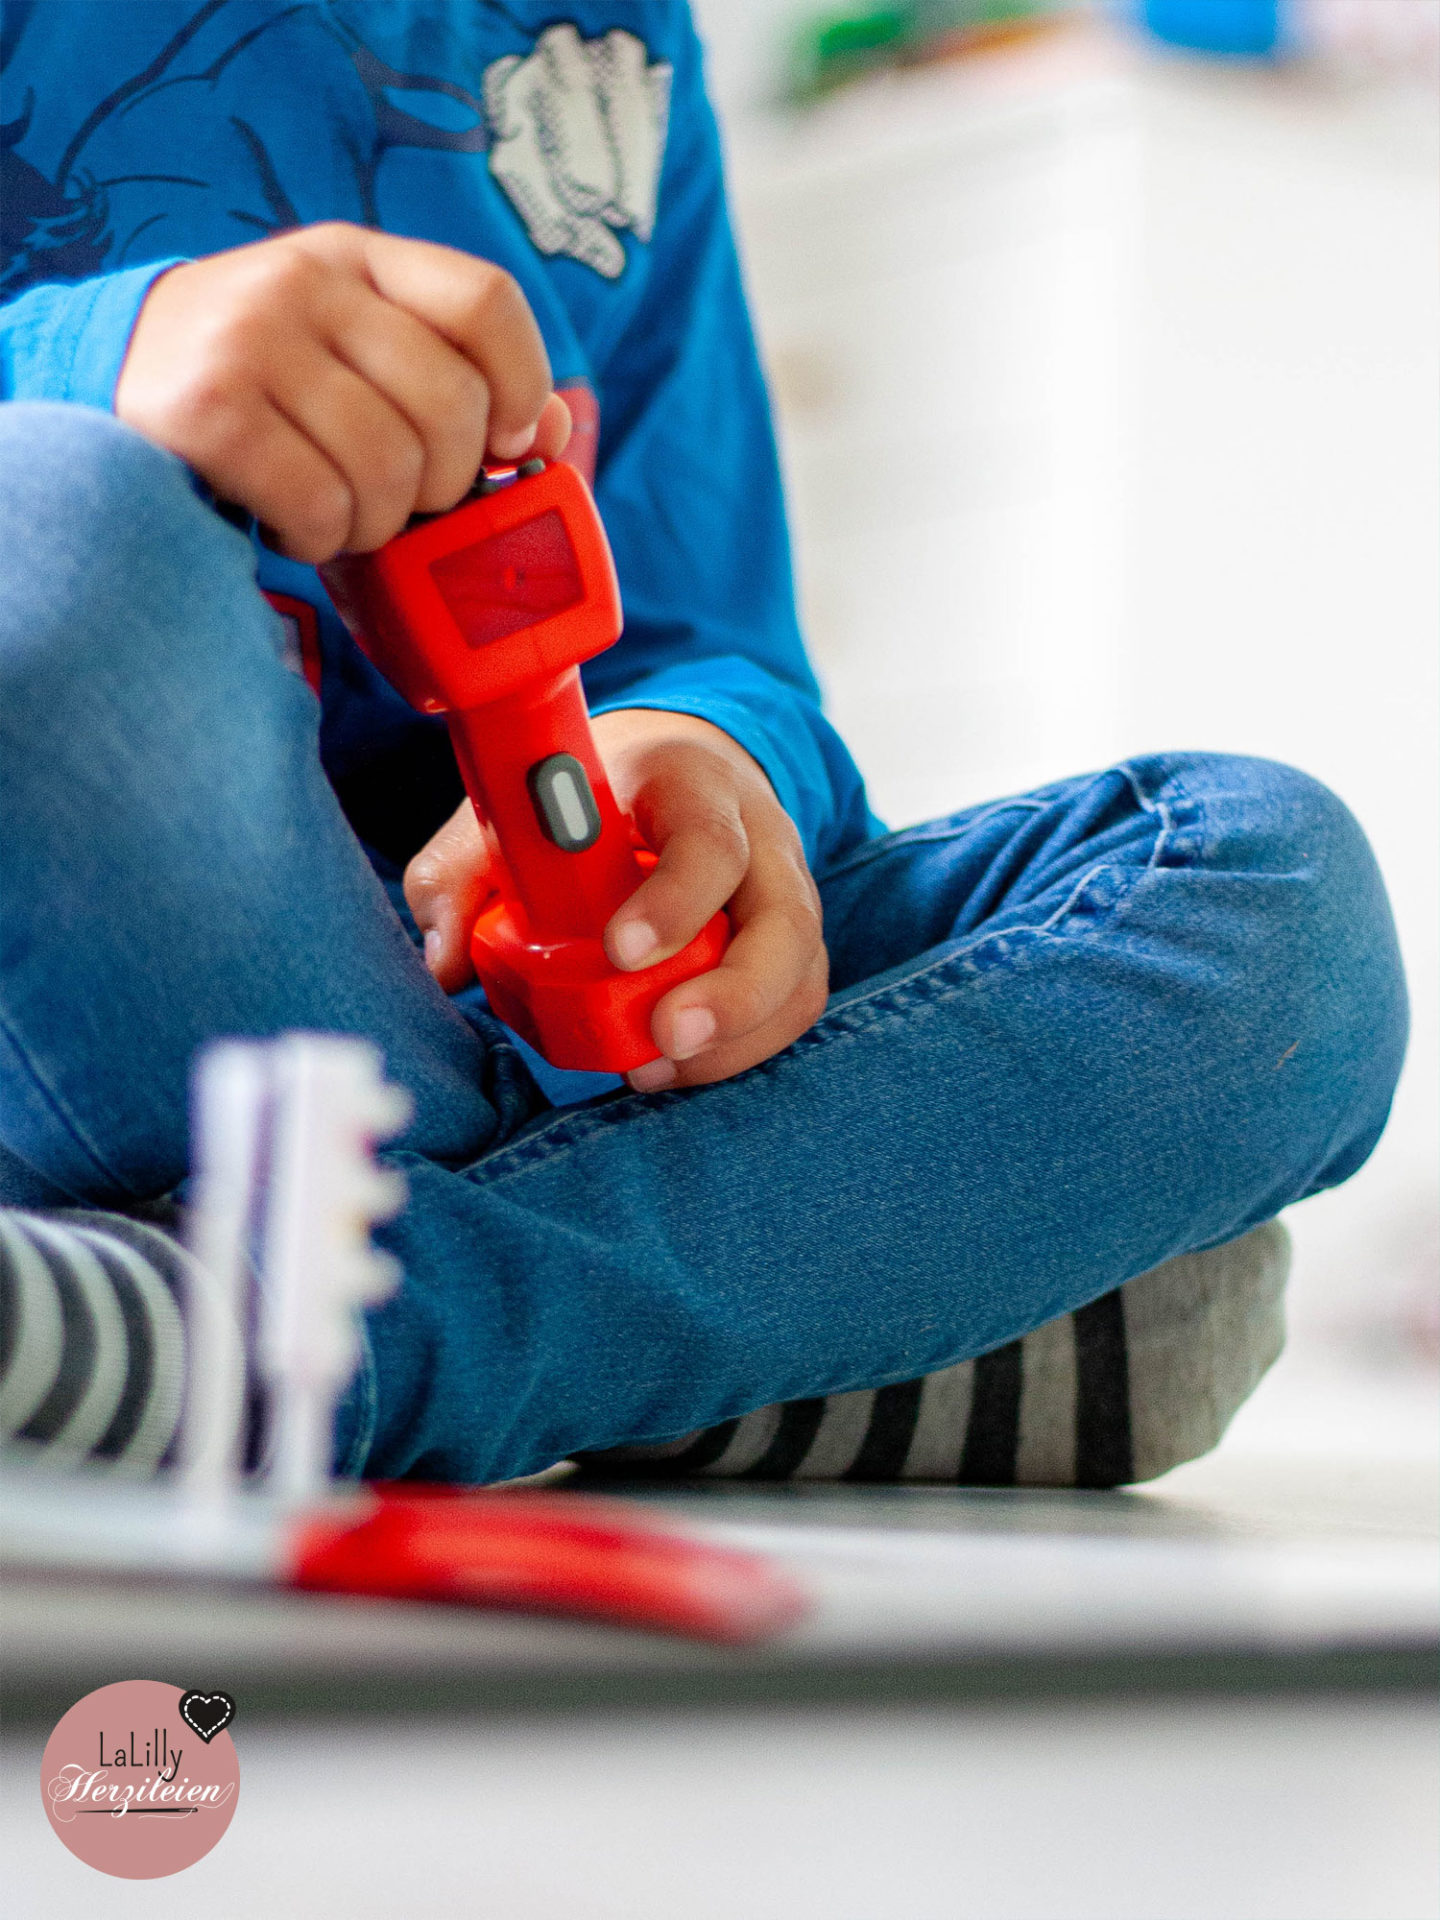 Anzeige: in der Märklin my world findest du tolle Ideen für Weihnachtsgeschenke. Die Spielzeugeisenbahnen sind langlebig und robust und machen nicht nur Kindern Spaß!